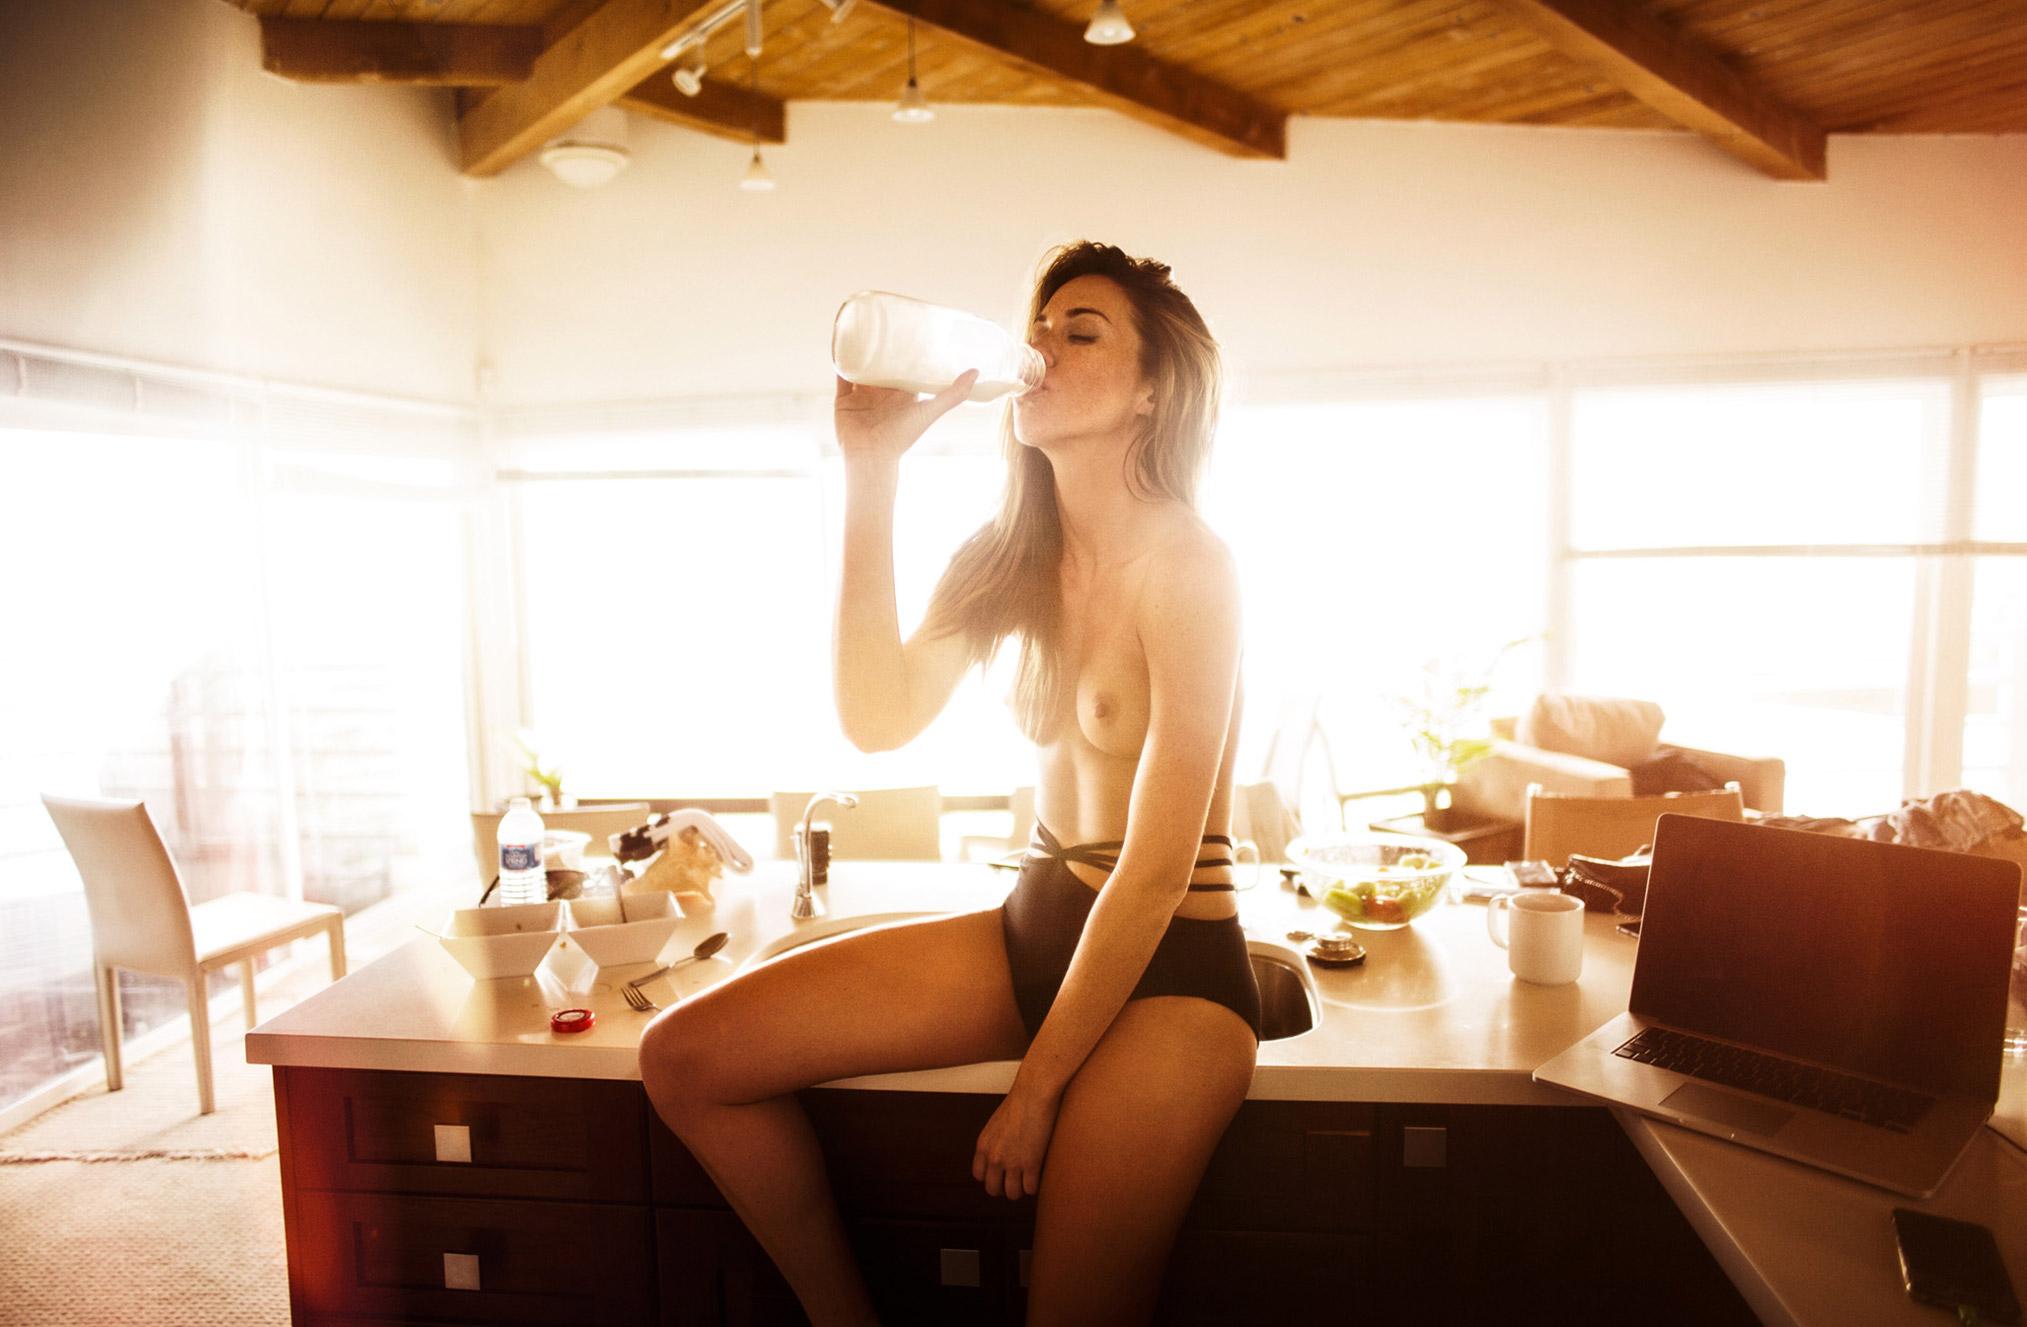 Jessica nude in Malibu by Paul Ripke